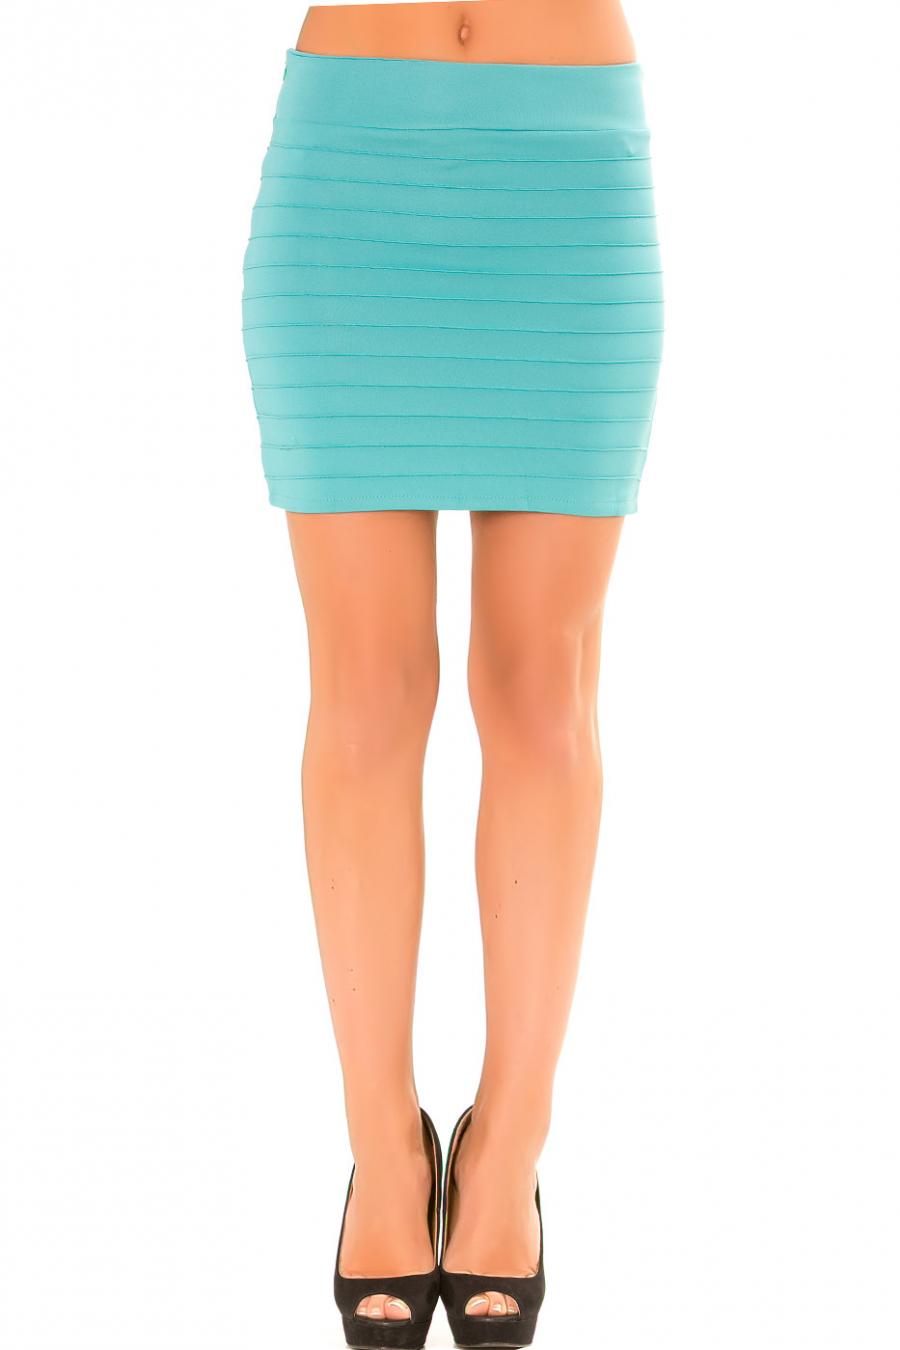 Mini jupe turquoise côtelé. Jupe Sexy. 9028